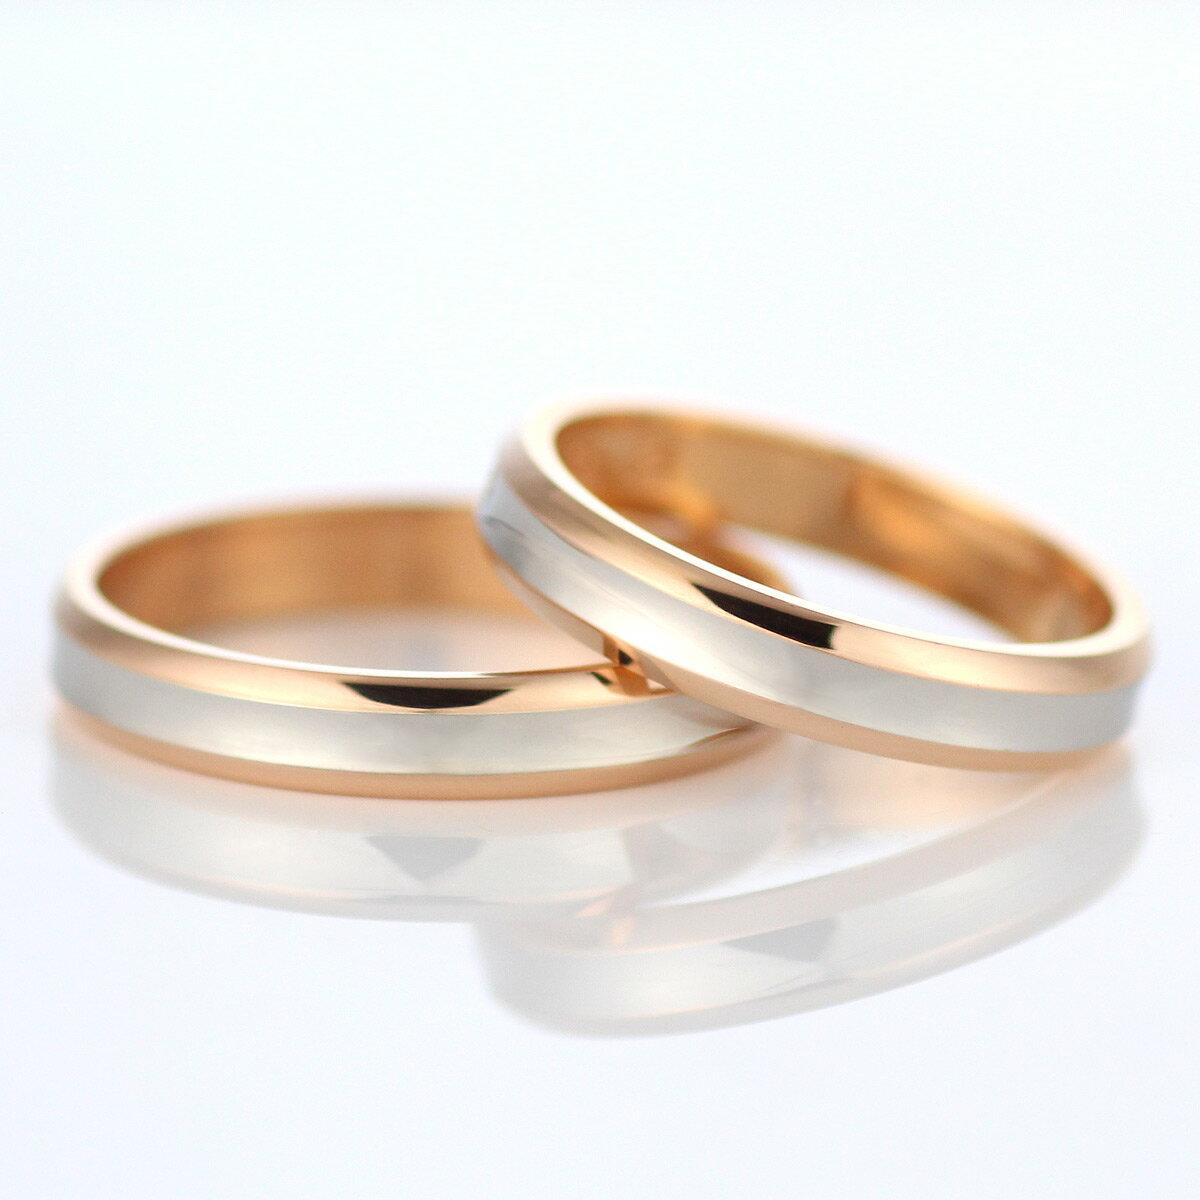 【スーパーSALE】メンズリング 結婚指輪 マリッジリング ペアリング プラチナ ゴールド 2本セット 【_包装】 【店内全品ポイントアップ中!!】【2016 ジュエリー大賞受賞のお店☆】【刻印無料】【納期通常1~2週間】結婚指輪 マリッジリング プレゼント ギフト